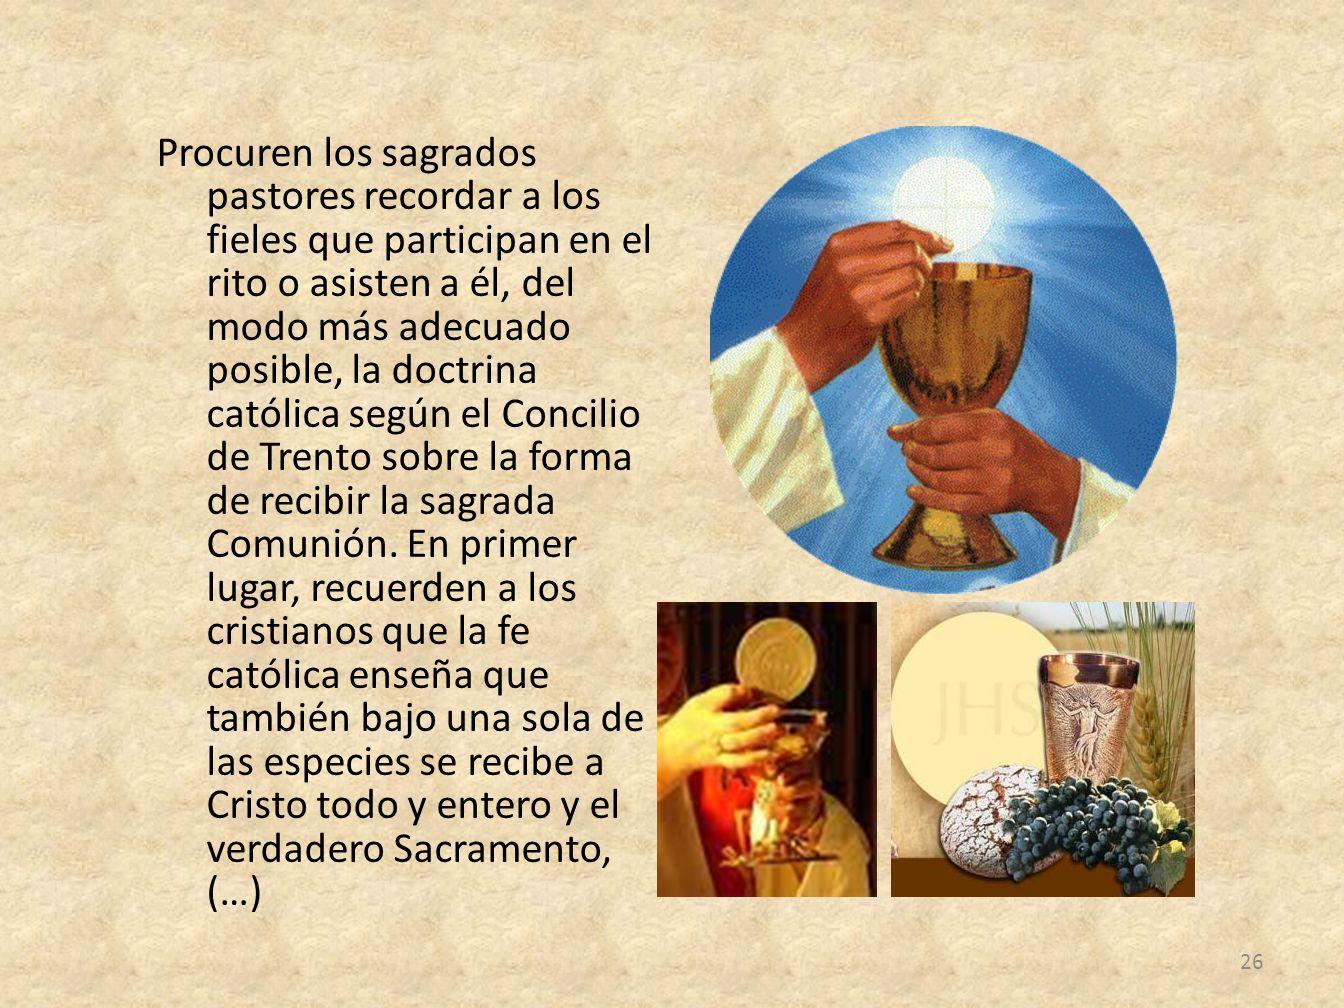 Procuren los sagrados pastores recordar a los fieles que participan en el rito o asisten a él, del modo más adecuado posible, la doctrina católica seg